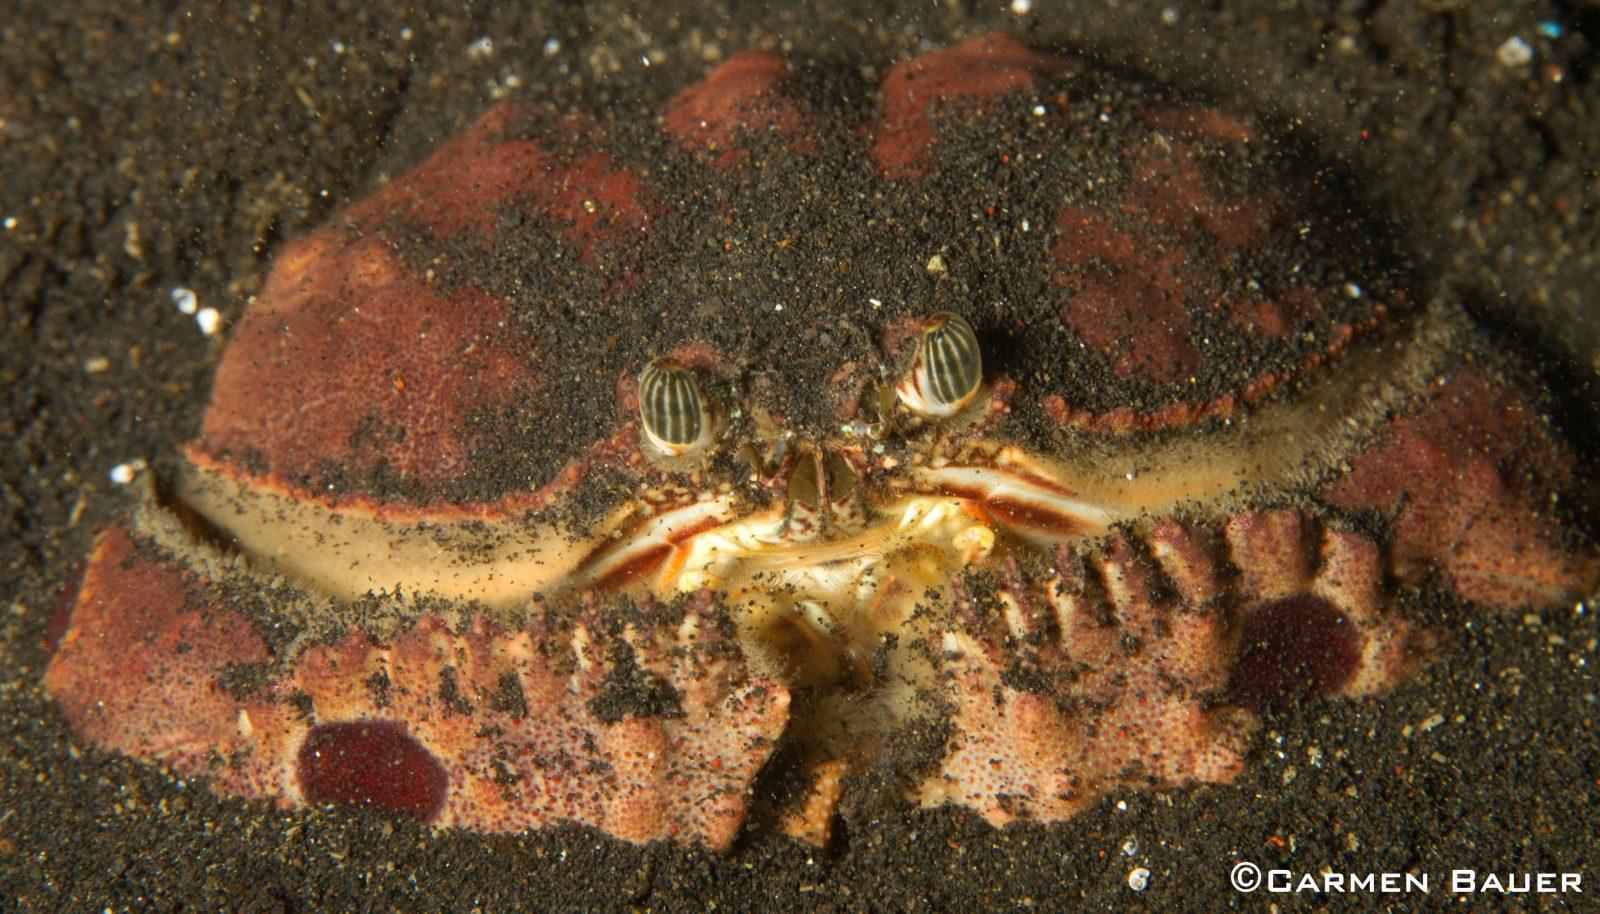 Favorite Critters – Crustacean